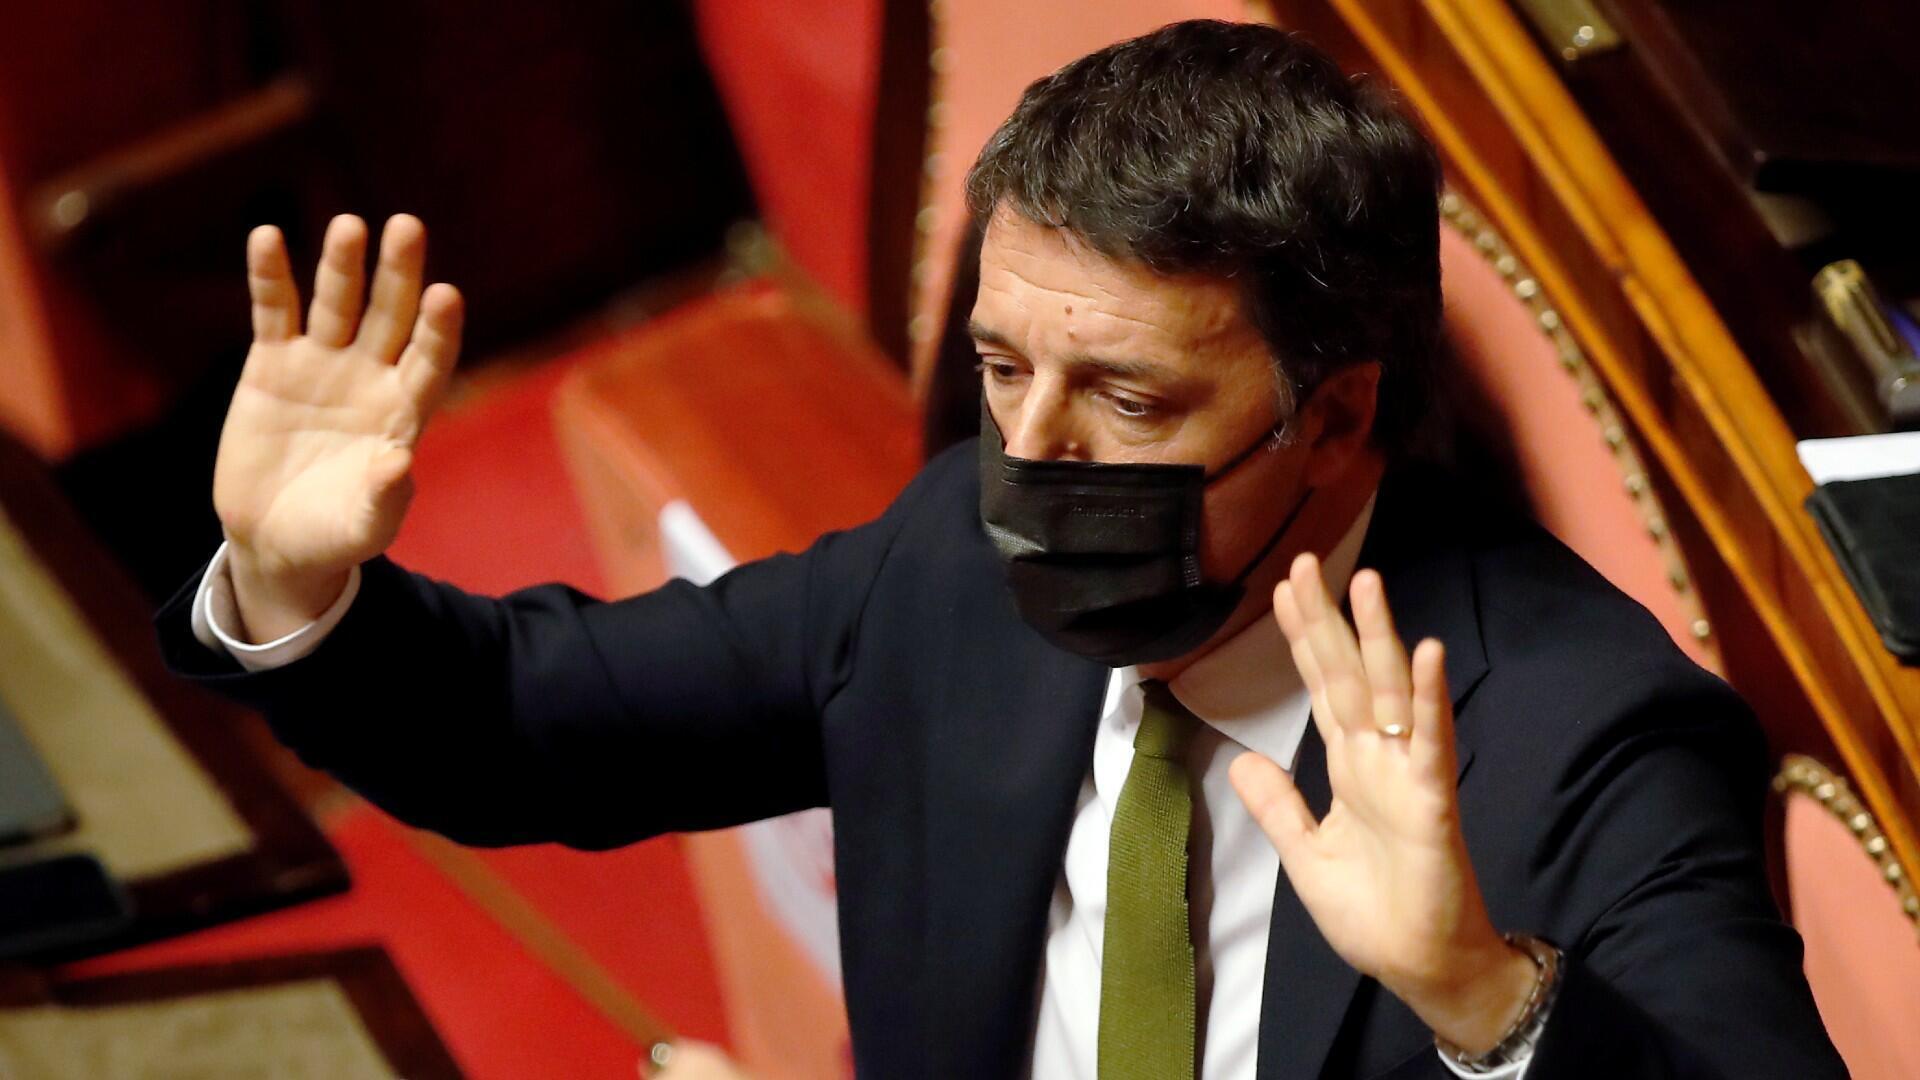 Matteo Renzi, el líder de Italia Viva, durante una sesión parlamentaria del 19 de enero de 2020 en Roma.